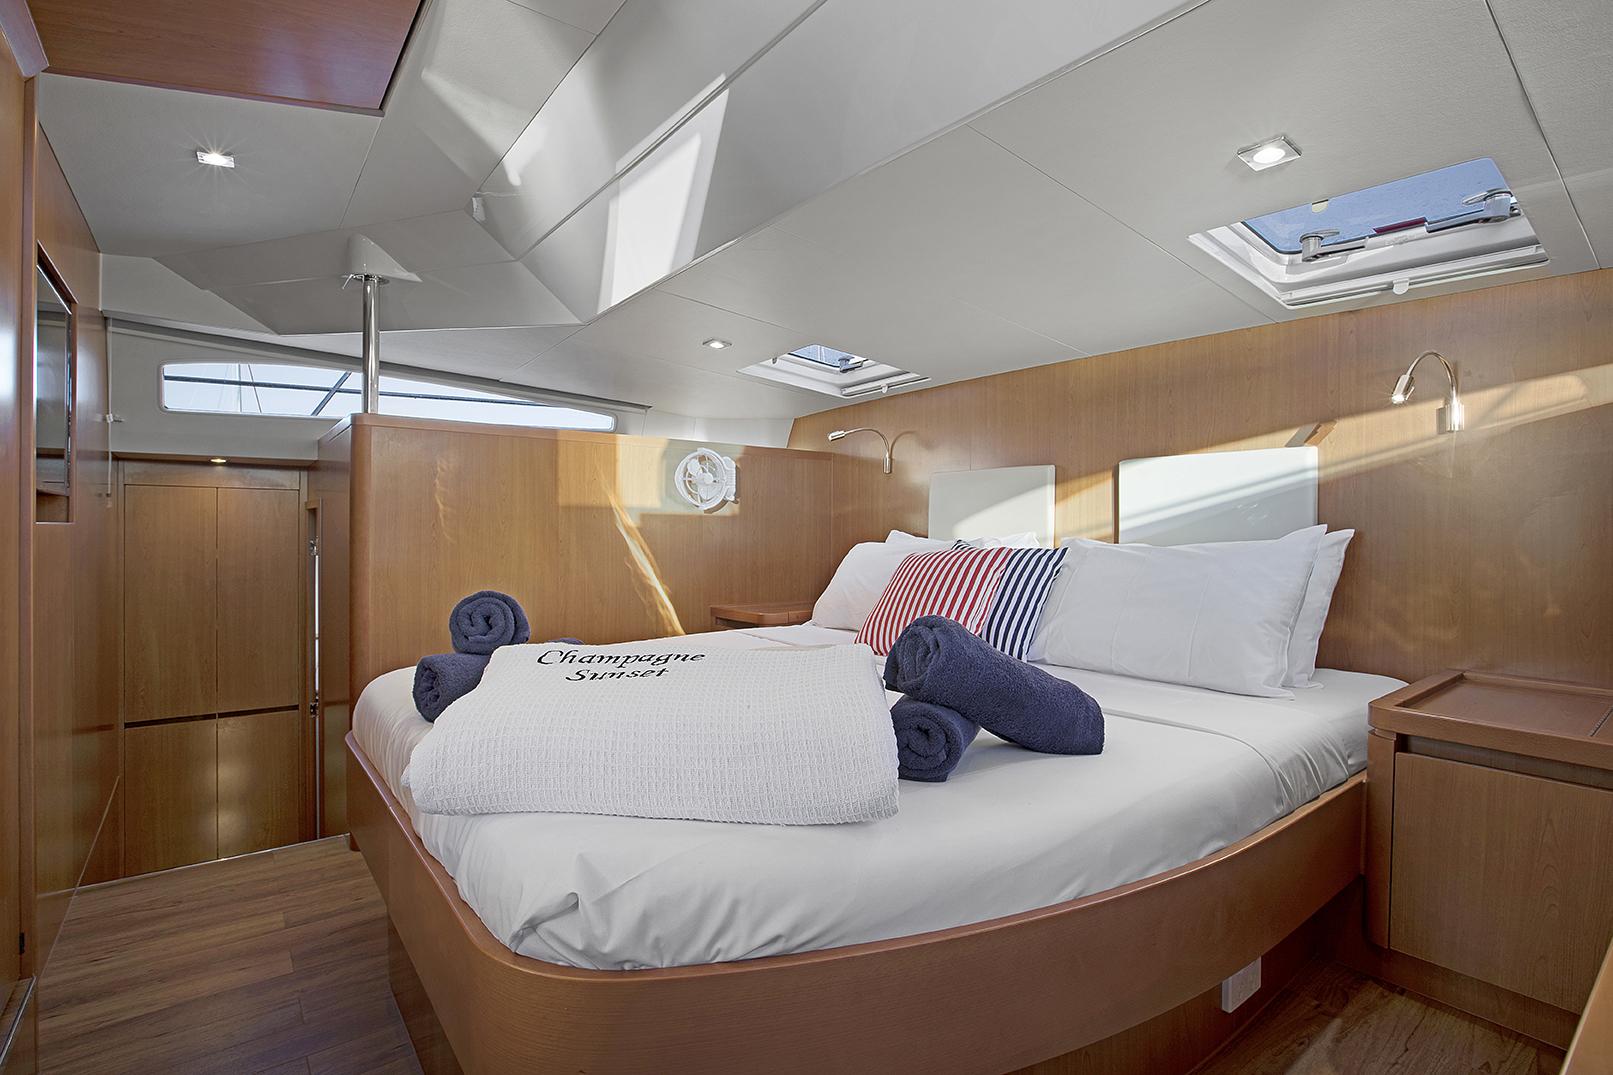 Champagne Sunset Stateroom, Aquila 44 - Luxury Yachts Whitsundays